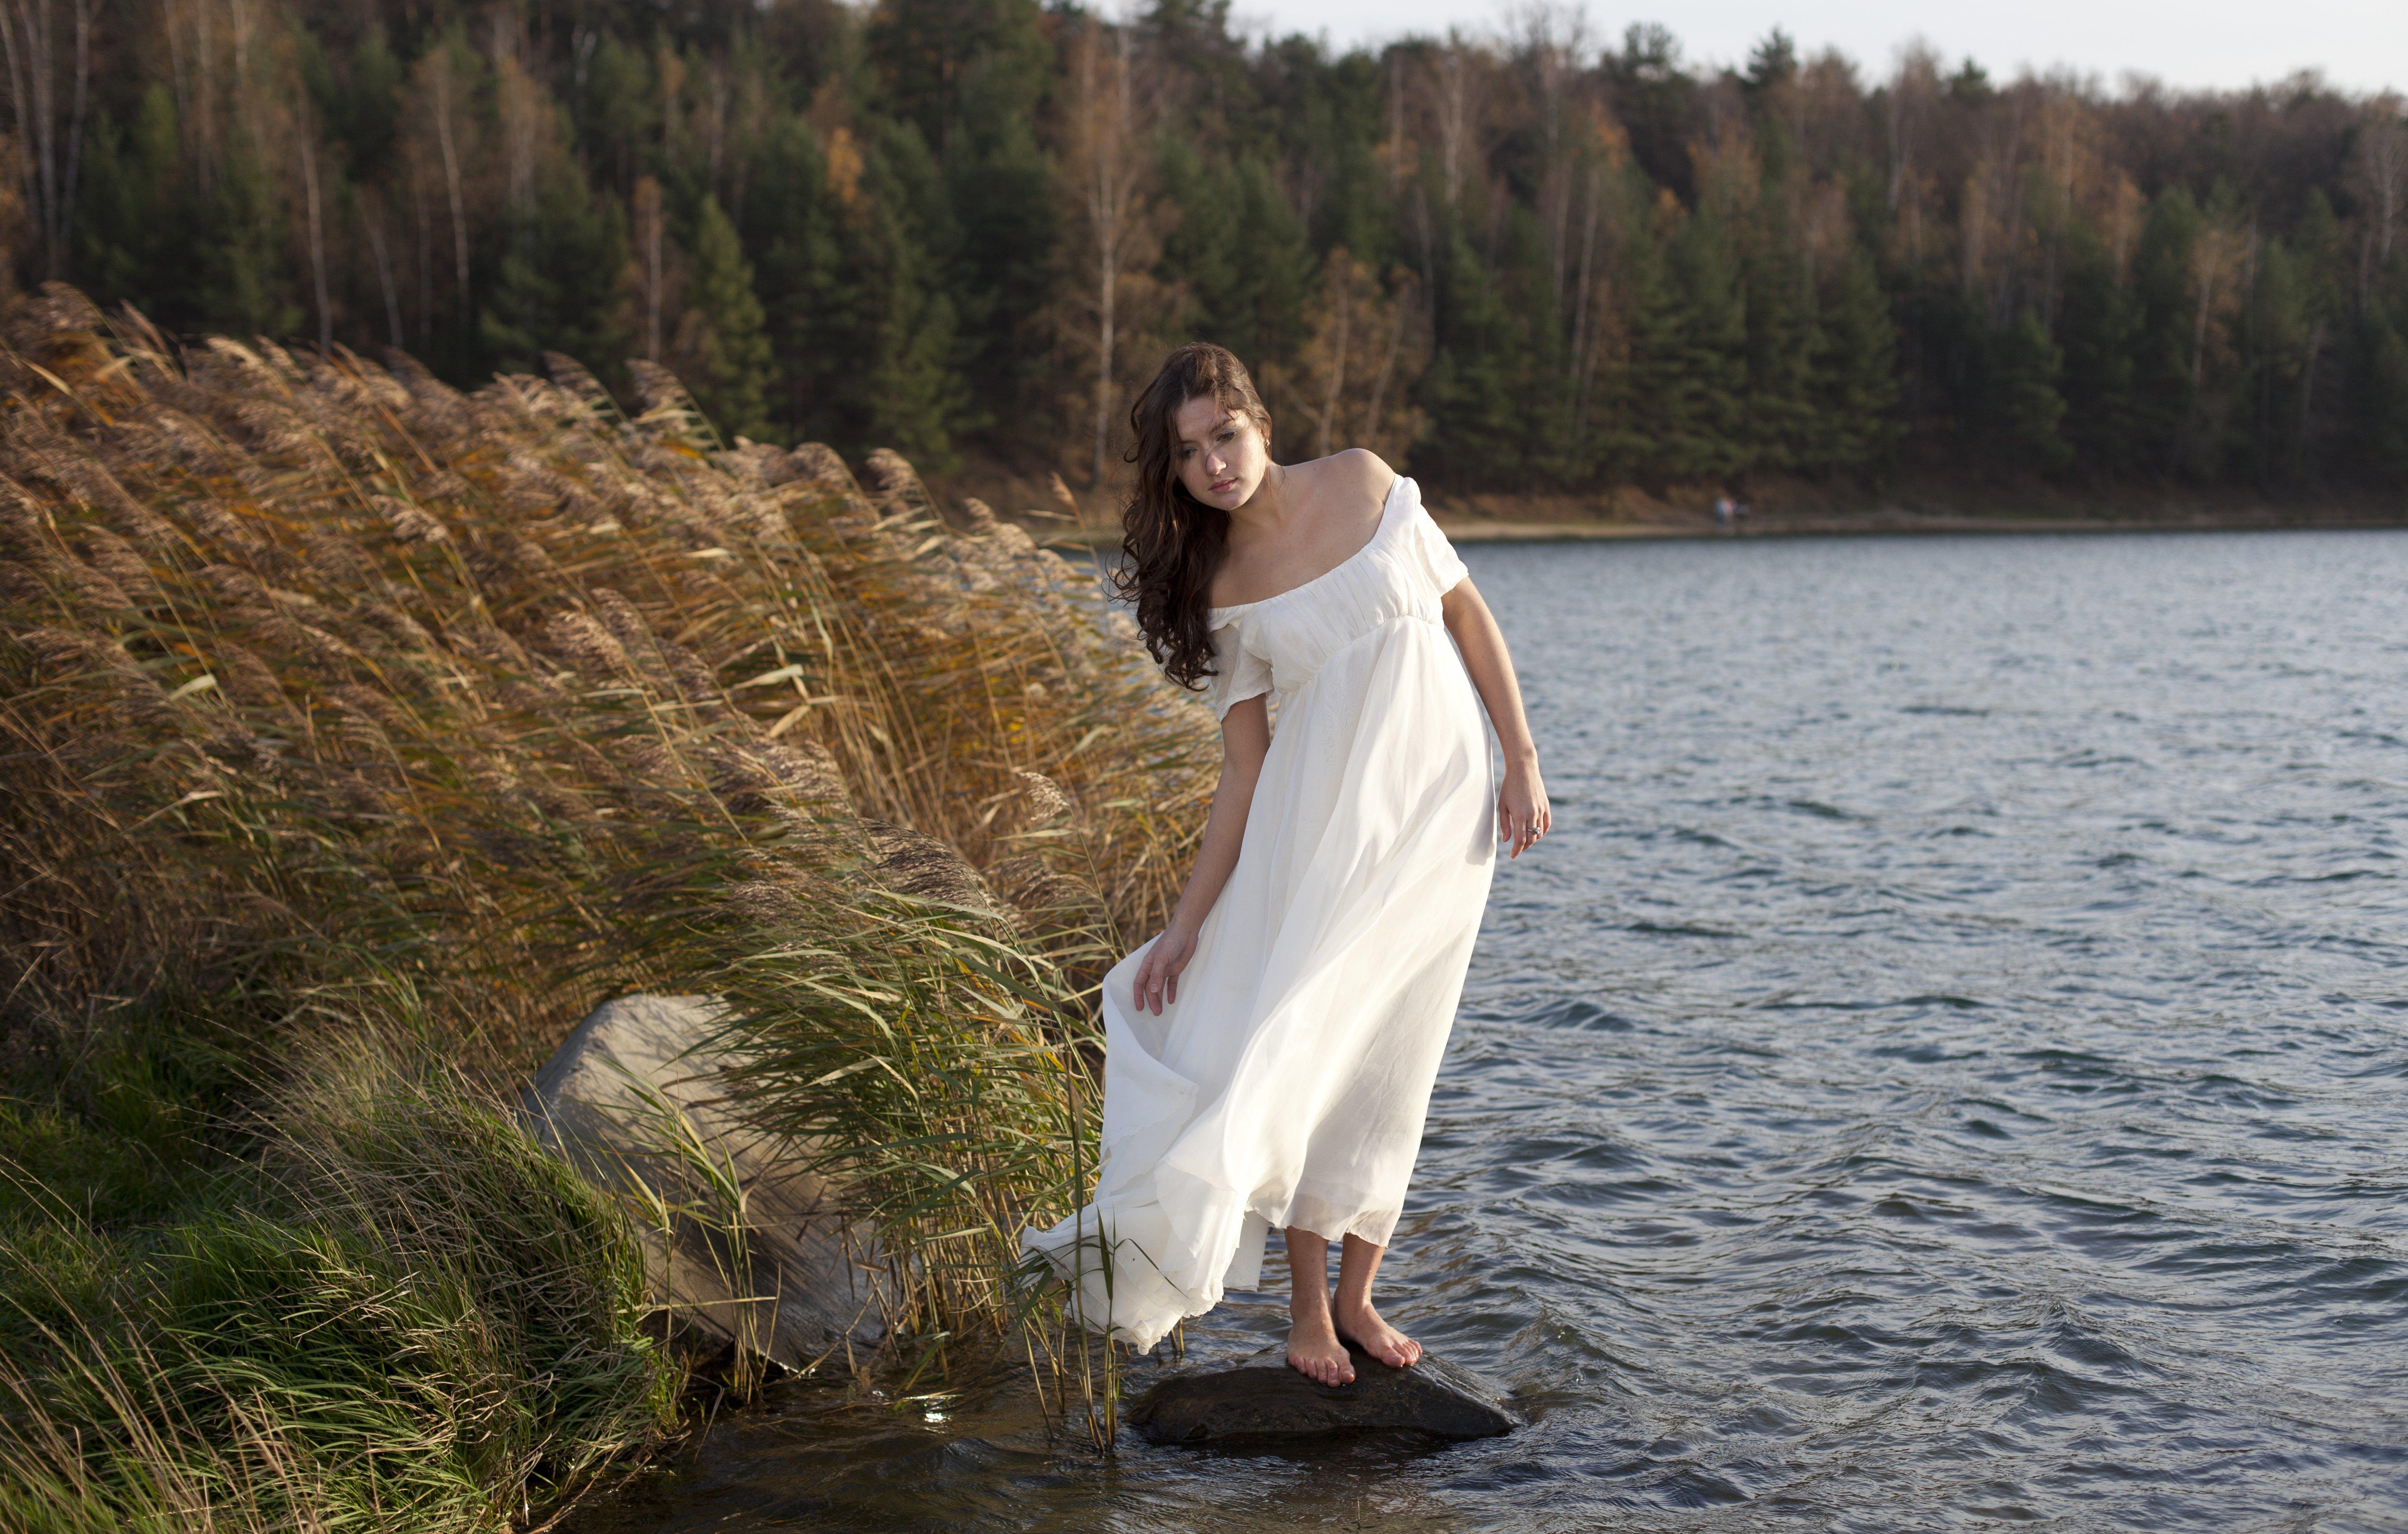 Фото девушек на природе река 16 фотография